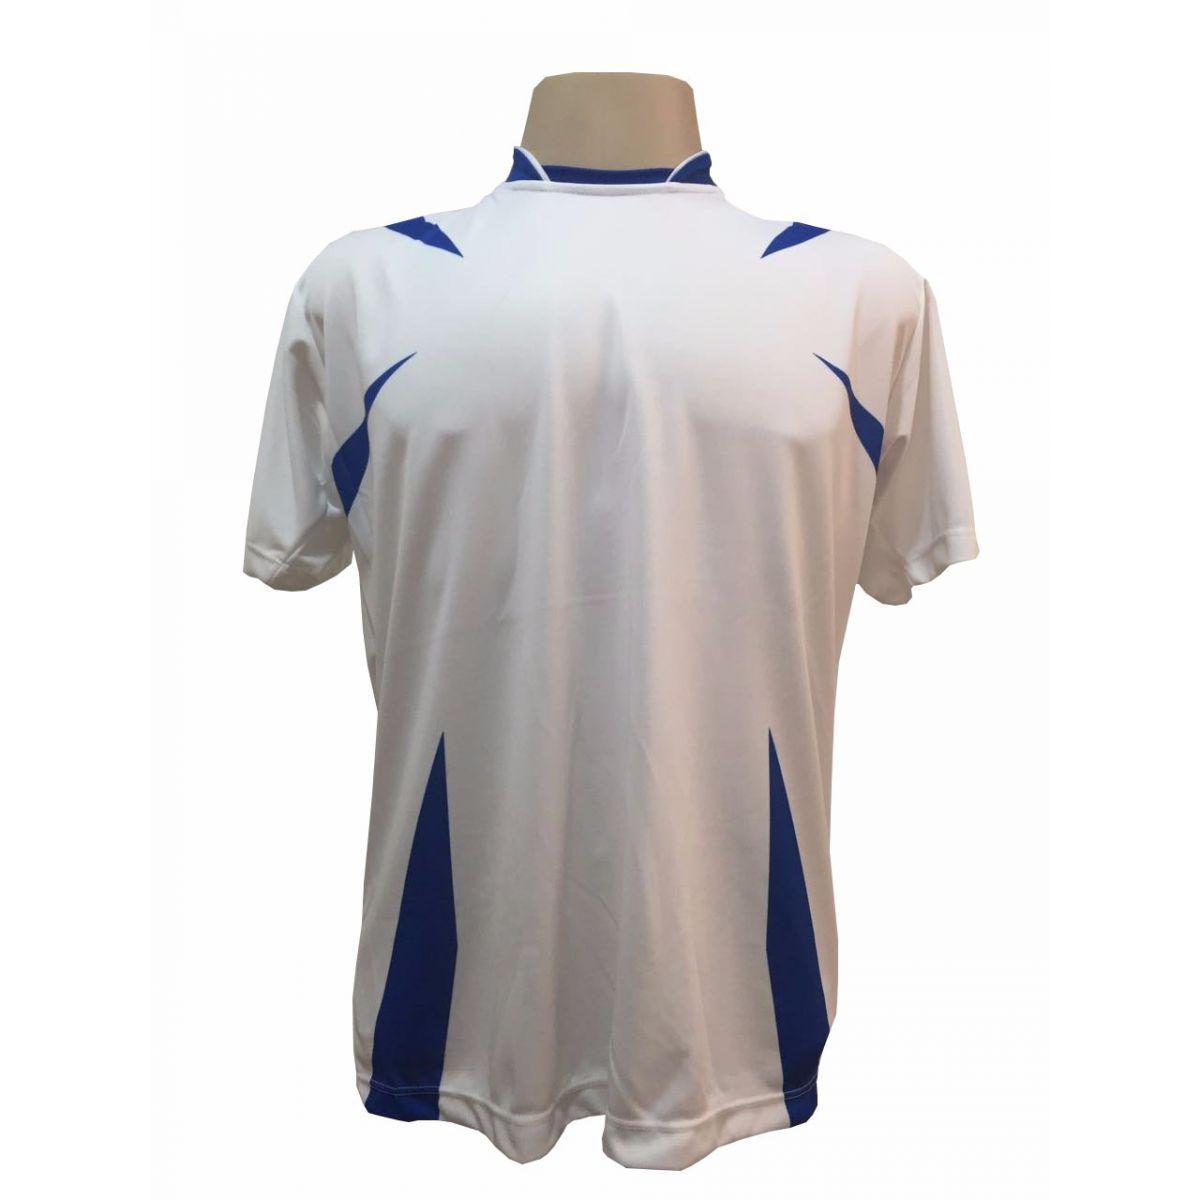 Jogo de Camisa com 14 unidades modelo Palermo Branco/Royal + 1 Goleiro + Brindes